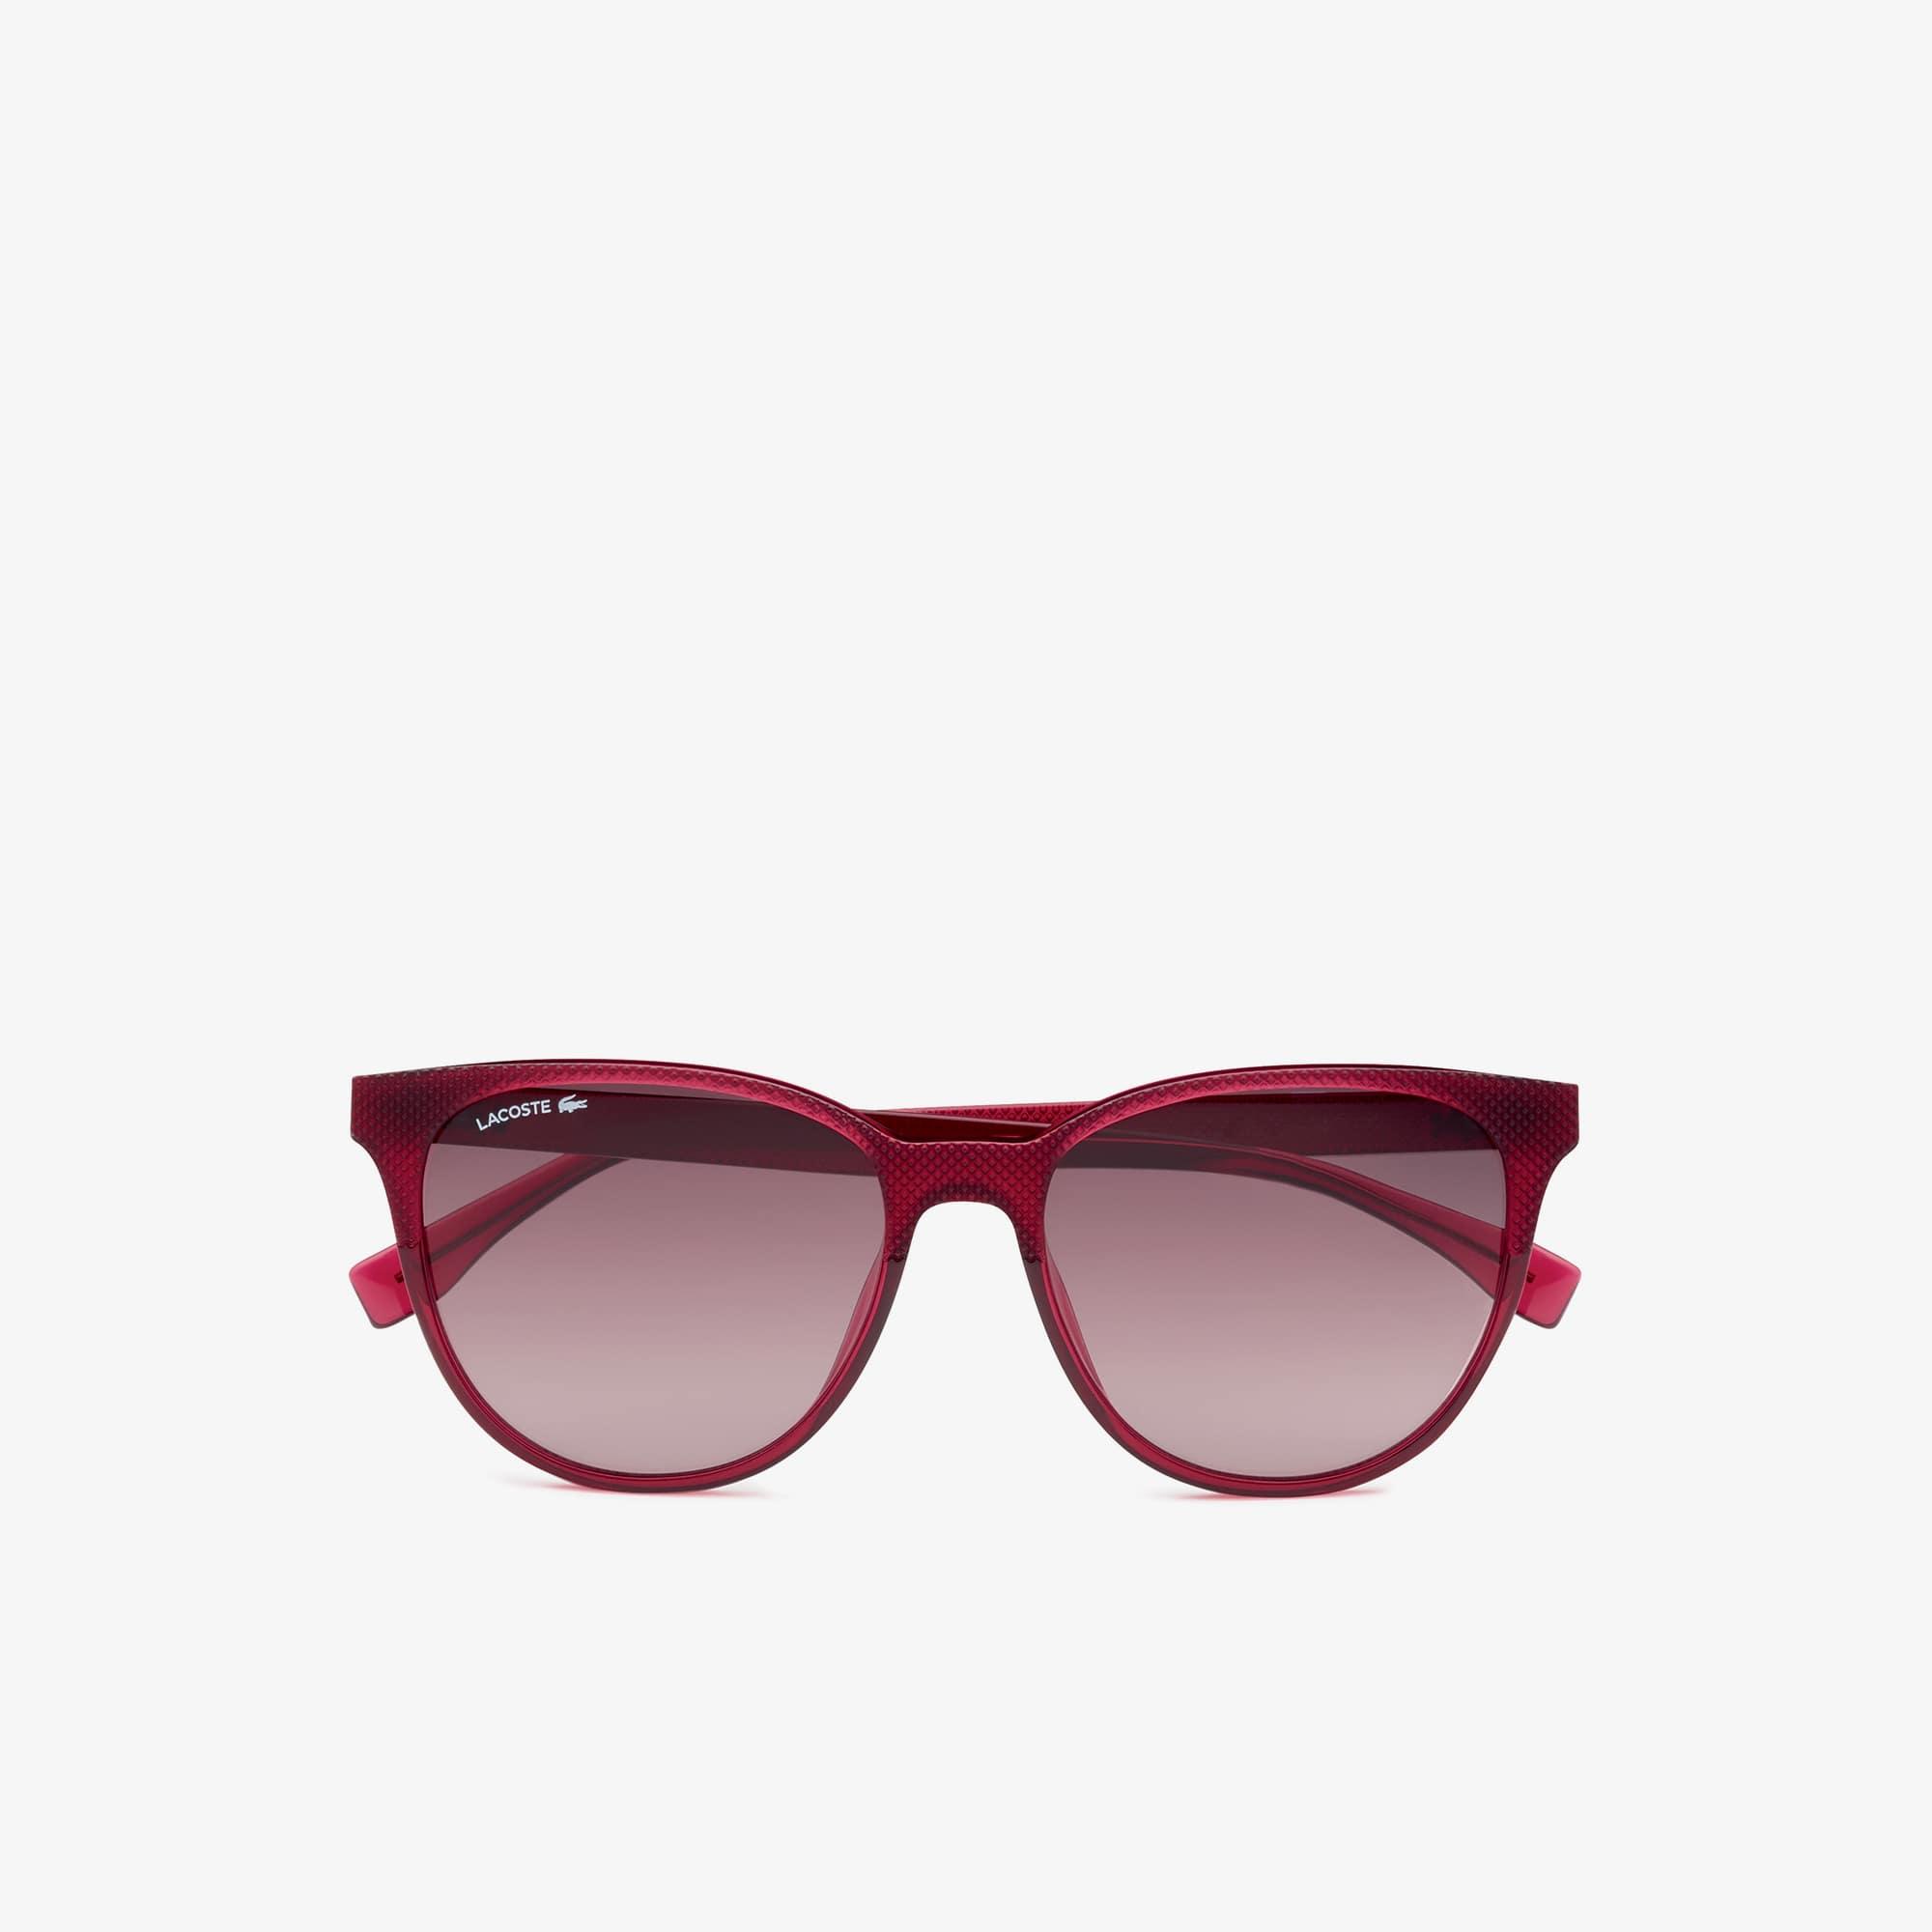 022261da0d Women s Plastic Cateye L.12.12 Sunglasses